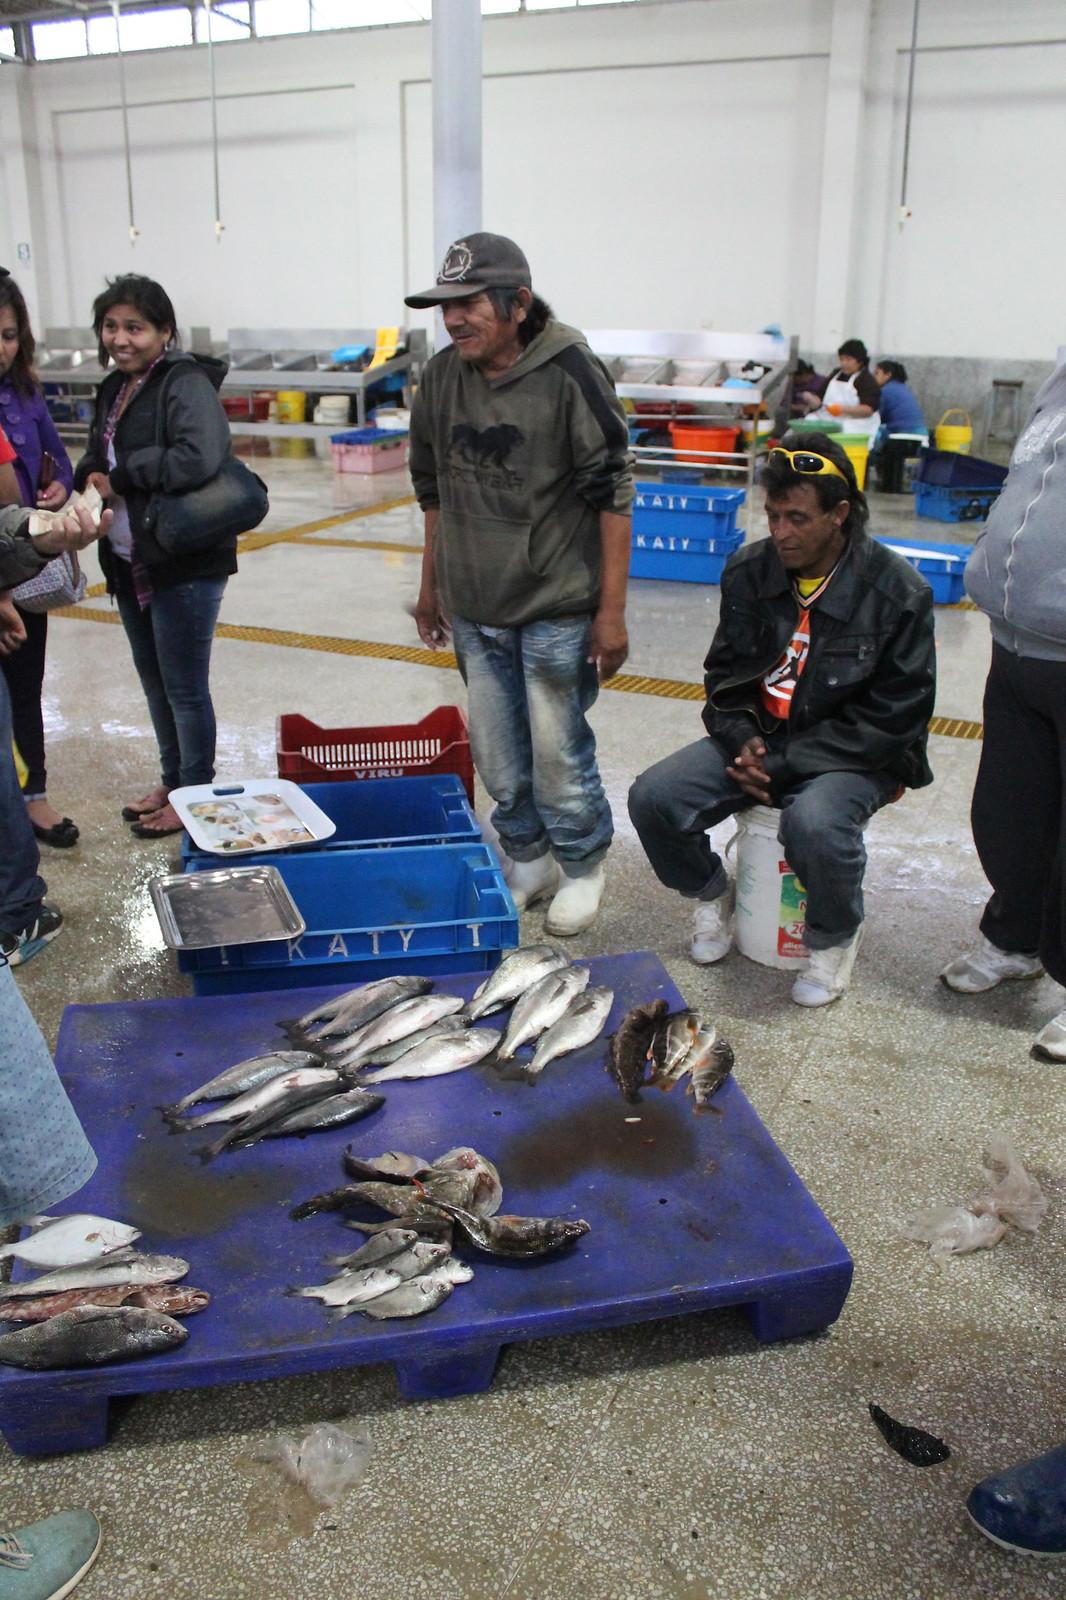 FishMarketMen